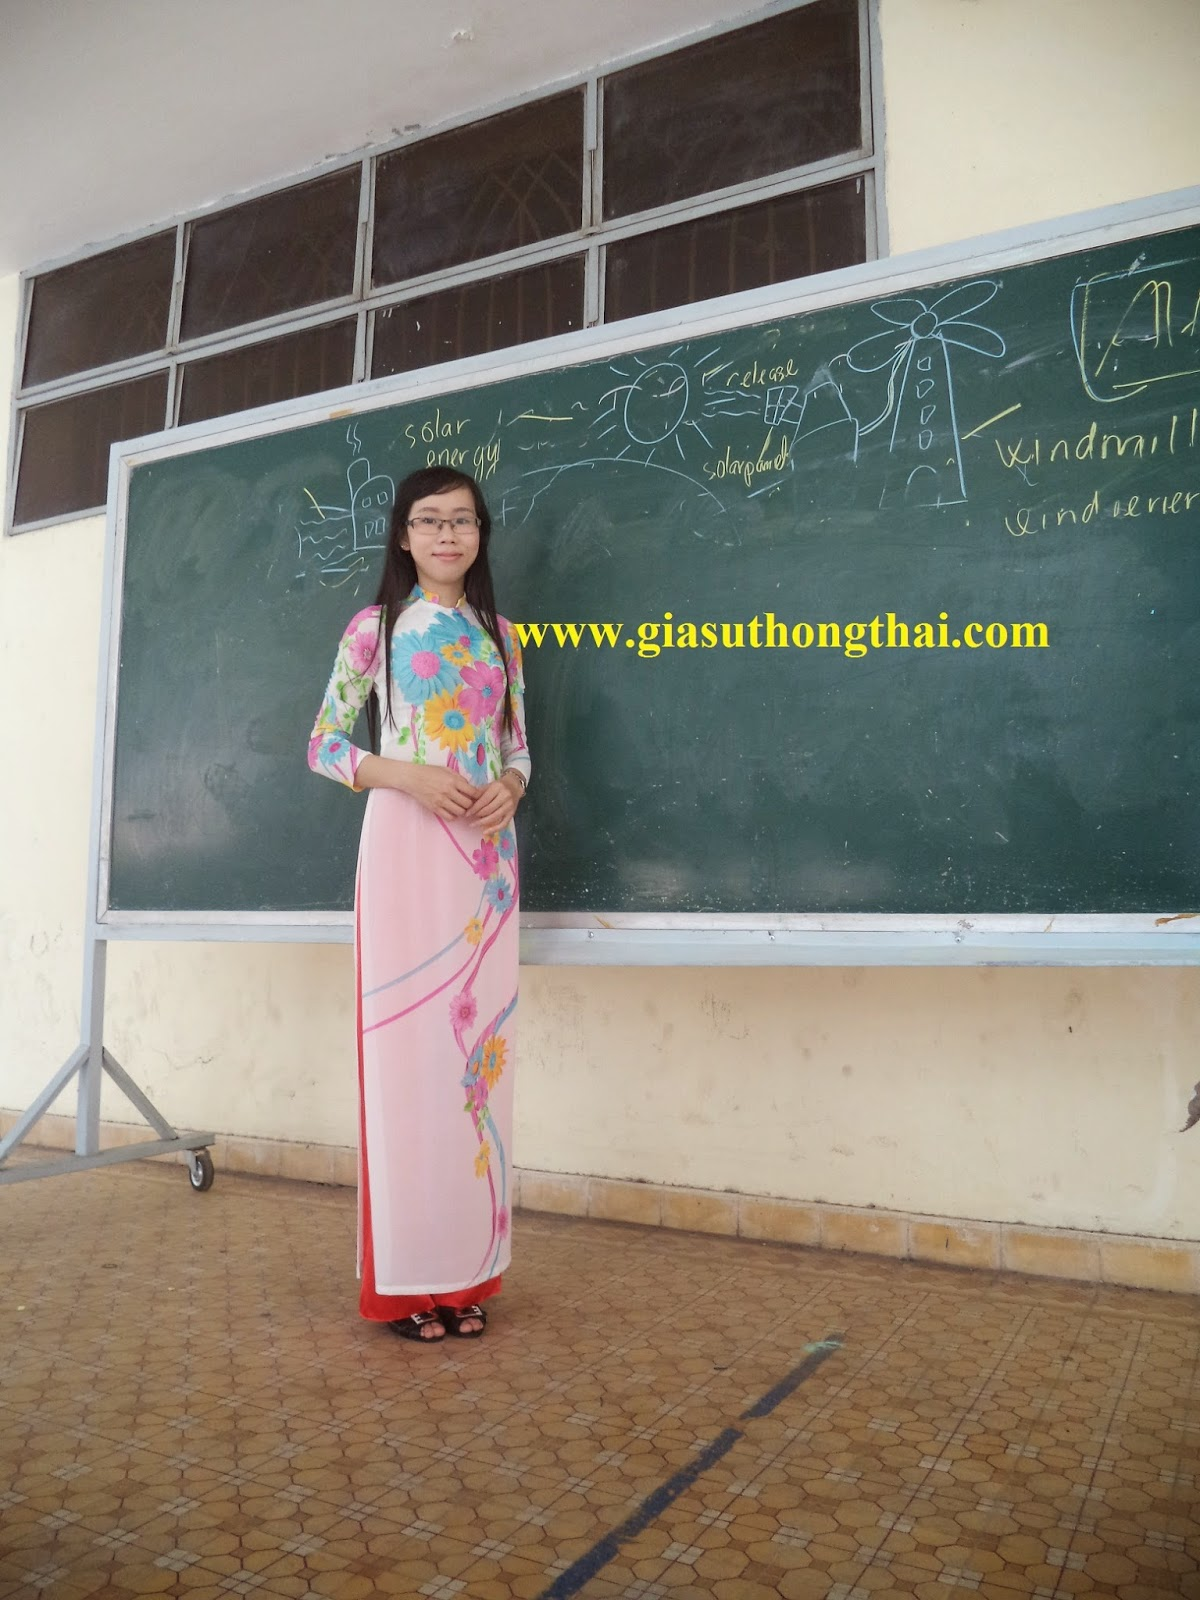 Gia Sư Biên Hòa Thông Thái dạy kèm tại Biên Hòa, Vũng Tàu, Bình Dương, Tây Ninh và thành phố Hồ Chí Minh